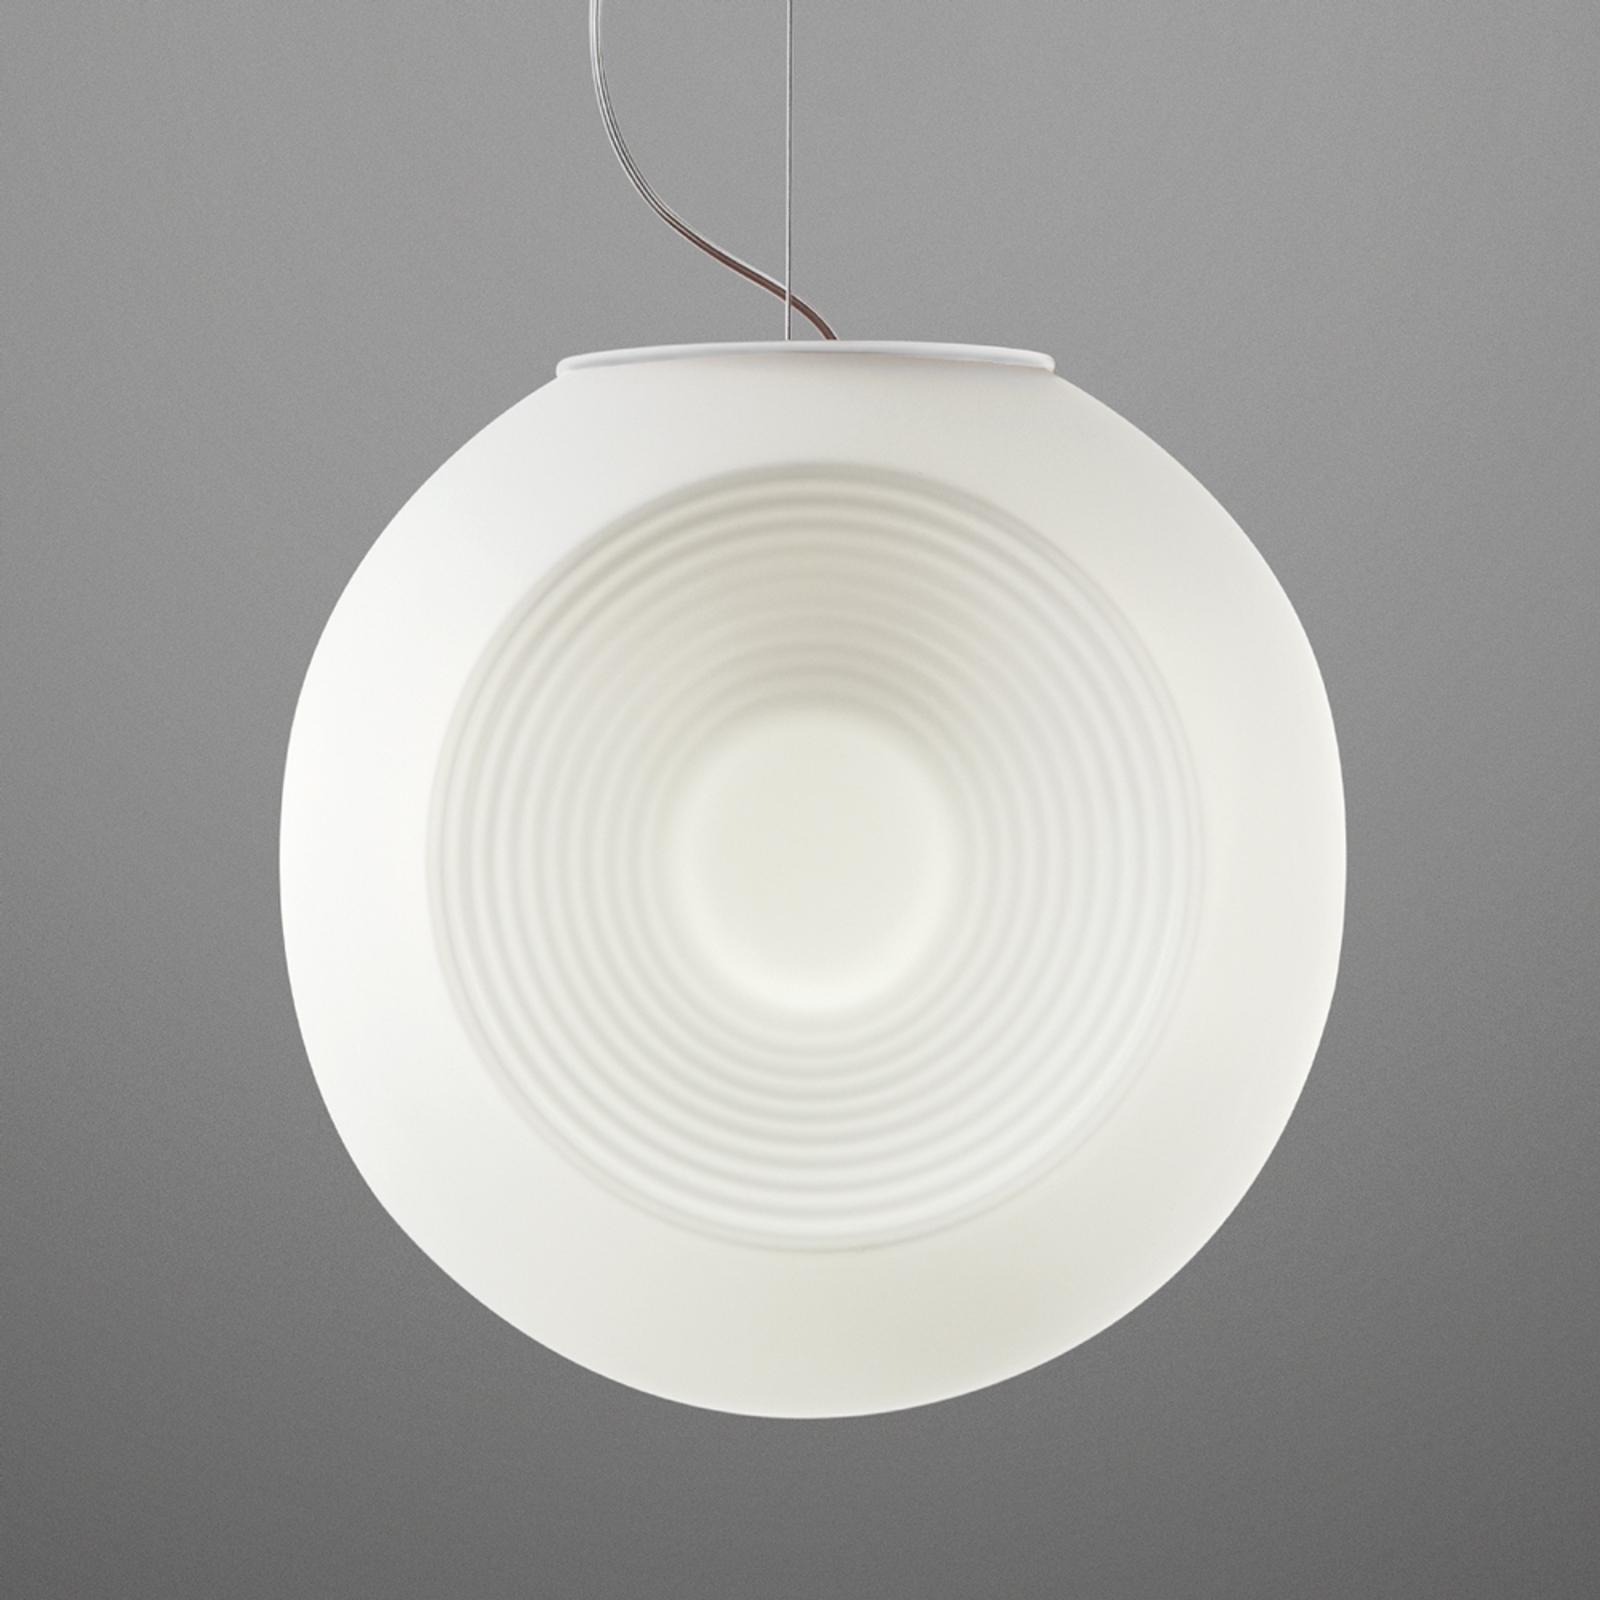 Fabbian Eyes - hvid glashængelampe